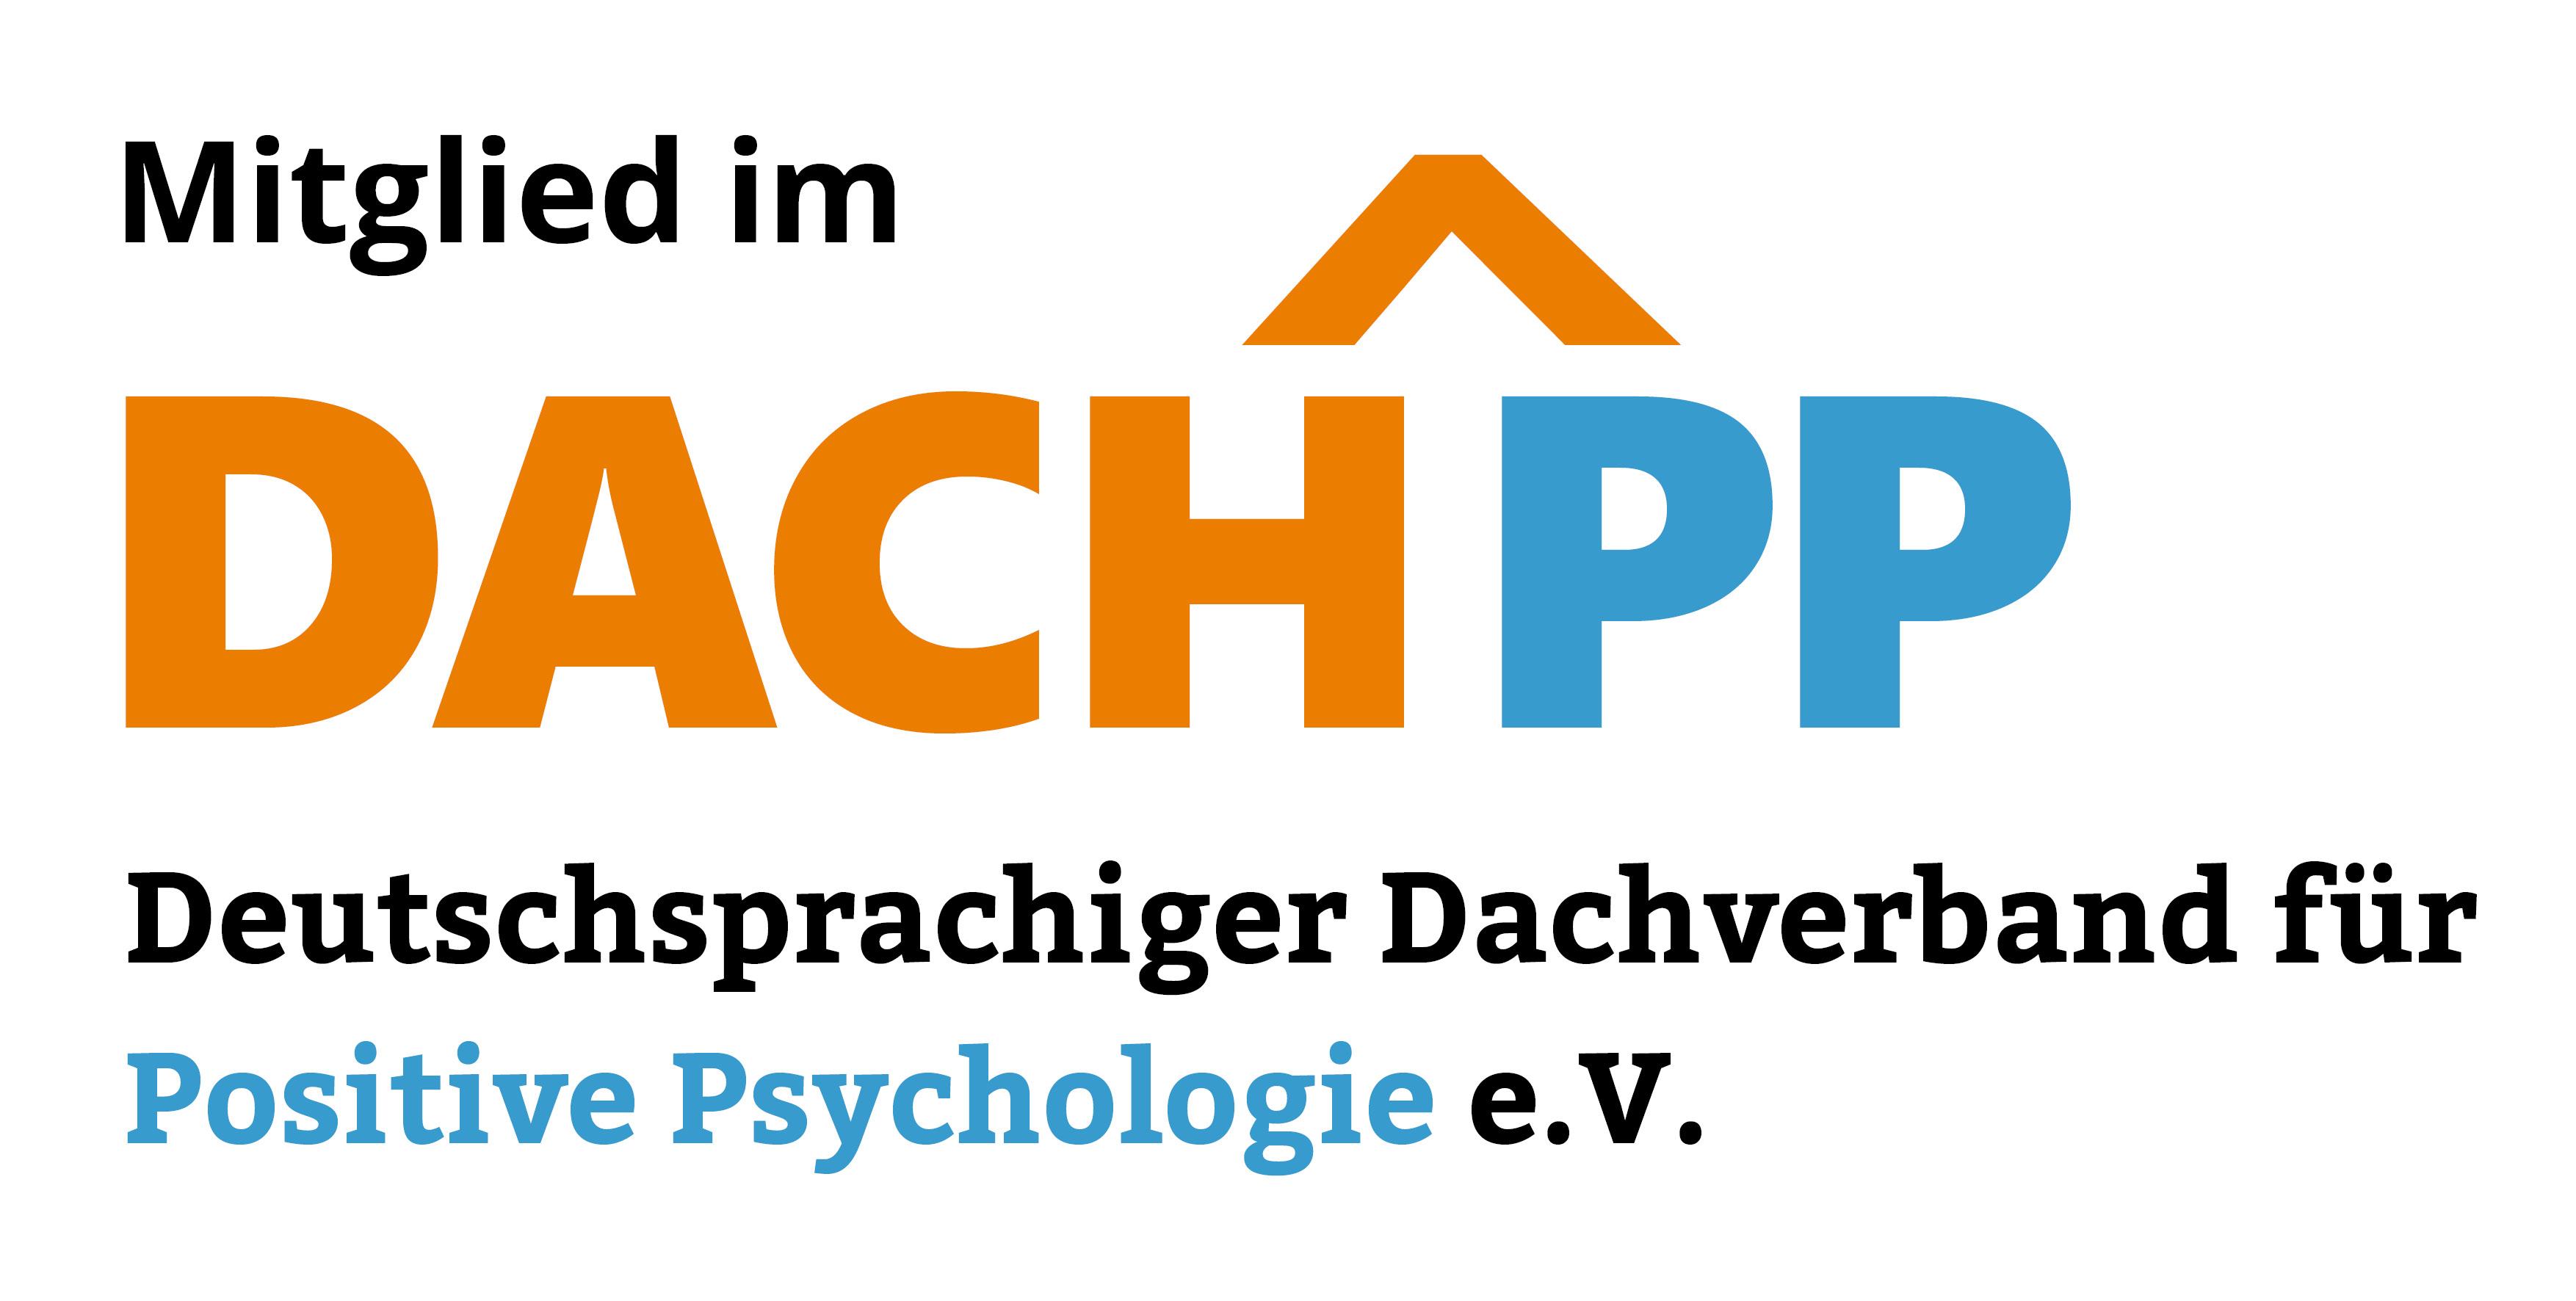 Mitglied im DACH-Verband der Positiven Psychologie